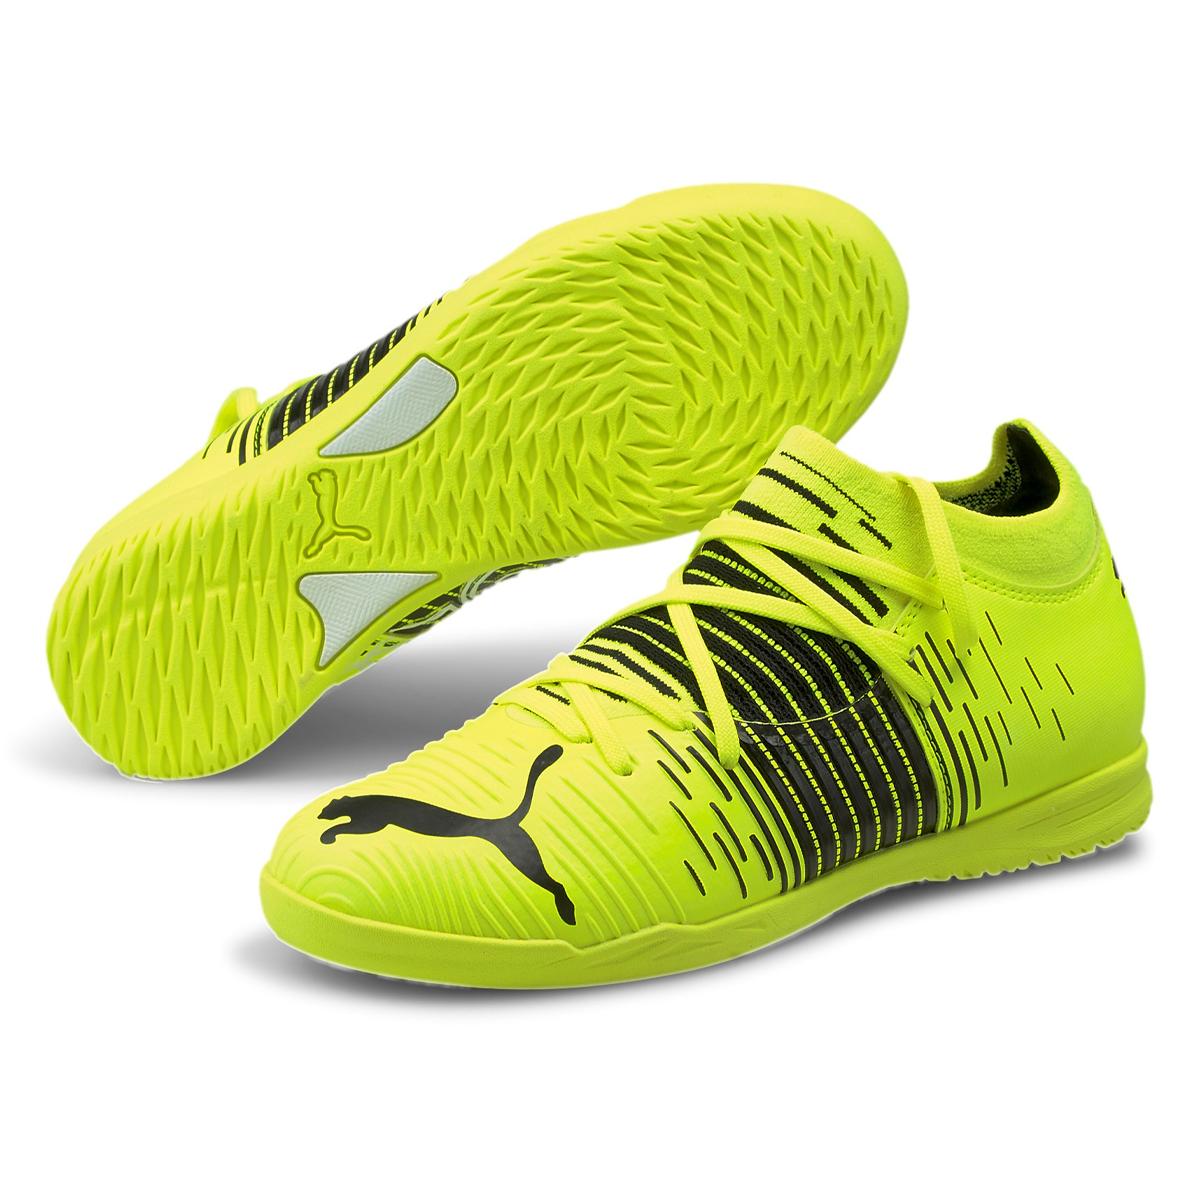 Chaussures de salle Puma pour enfant Future Z 3.1 IT Junior jaune/noir